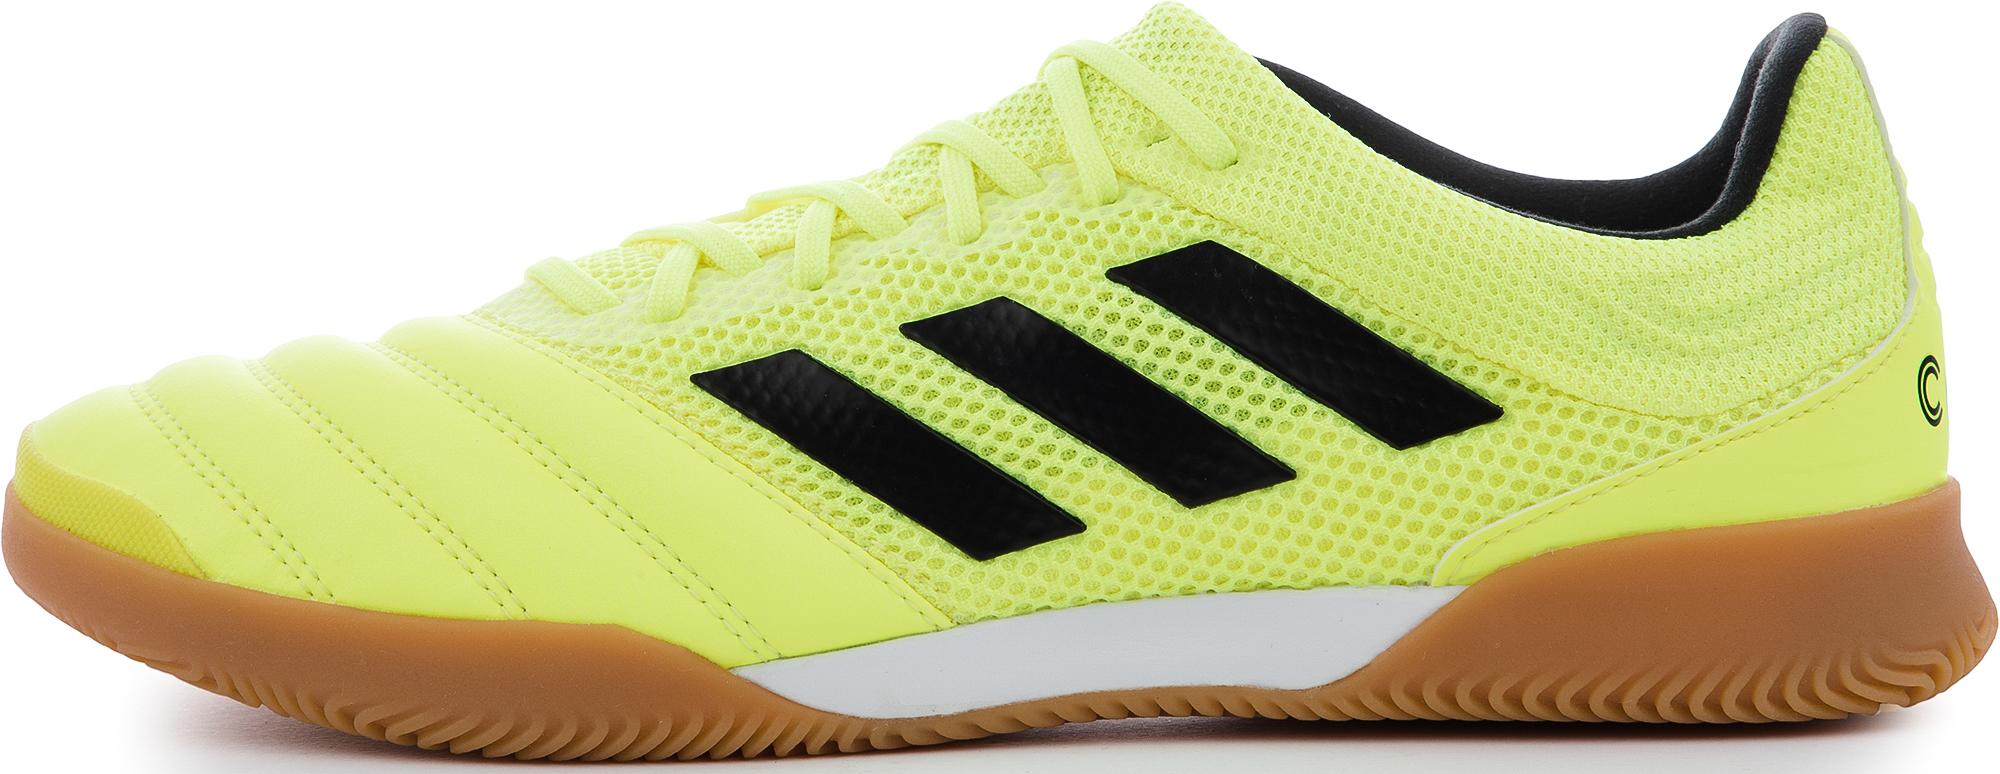 Adidas Бутсы мужские Copa 19.3 IN Sala, размер 40